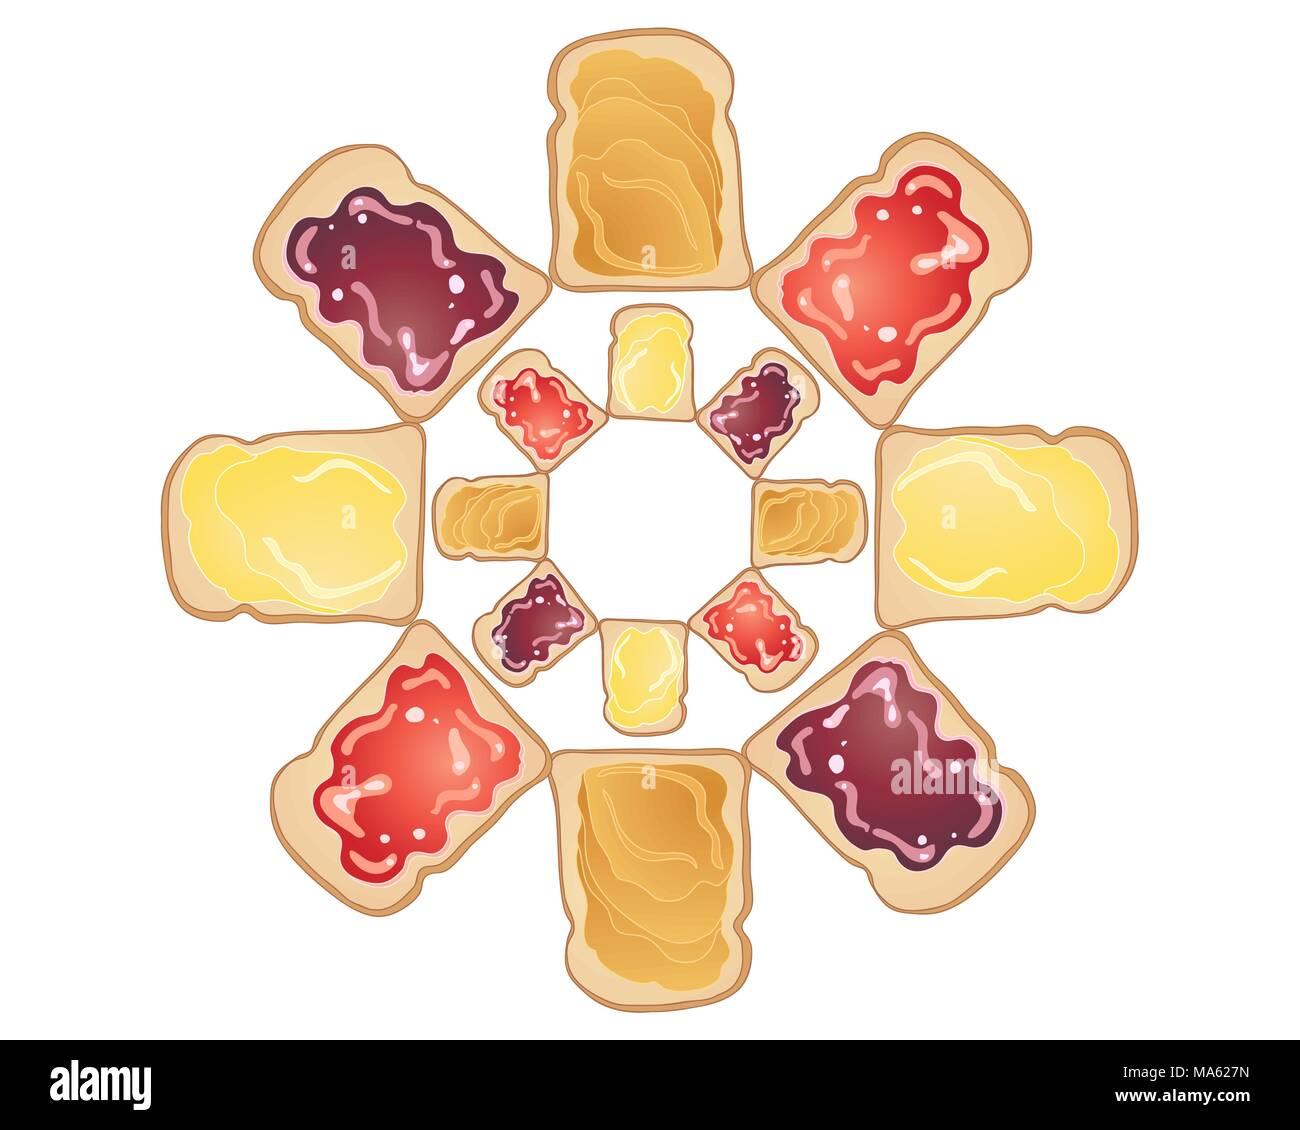 Una illustrazione vettoriale in formato eps formato 10 di freschi e deliziosi toast con burro di arachidi marmellata e burro condimenti in una forma circolare Immagini Stock